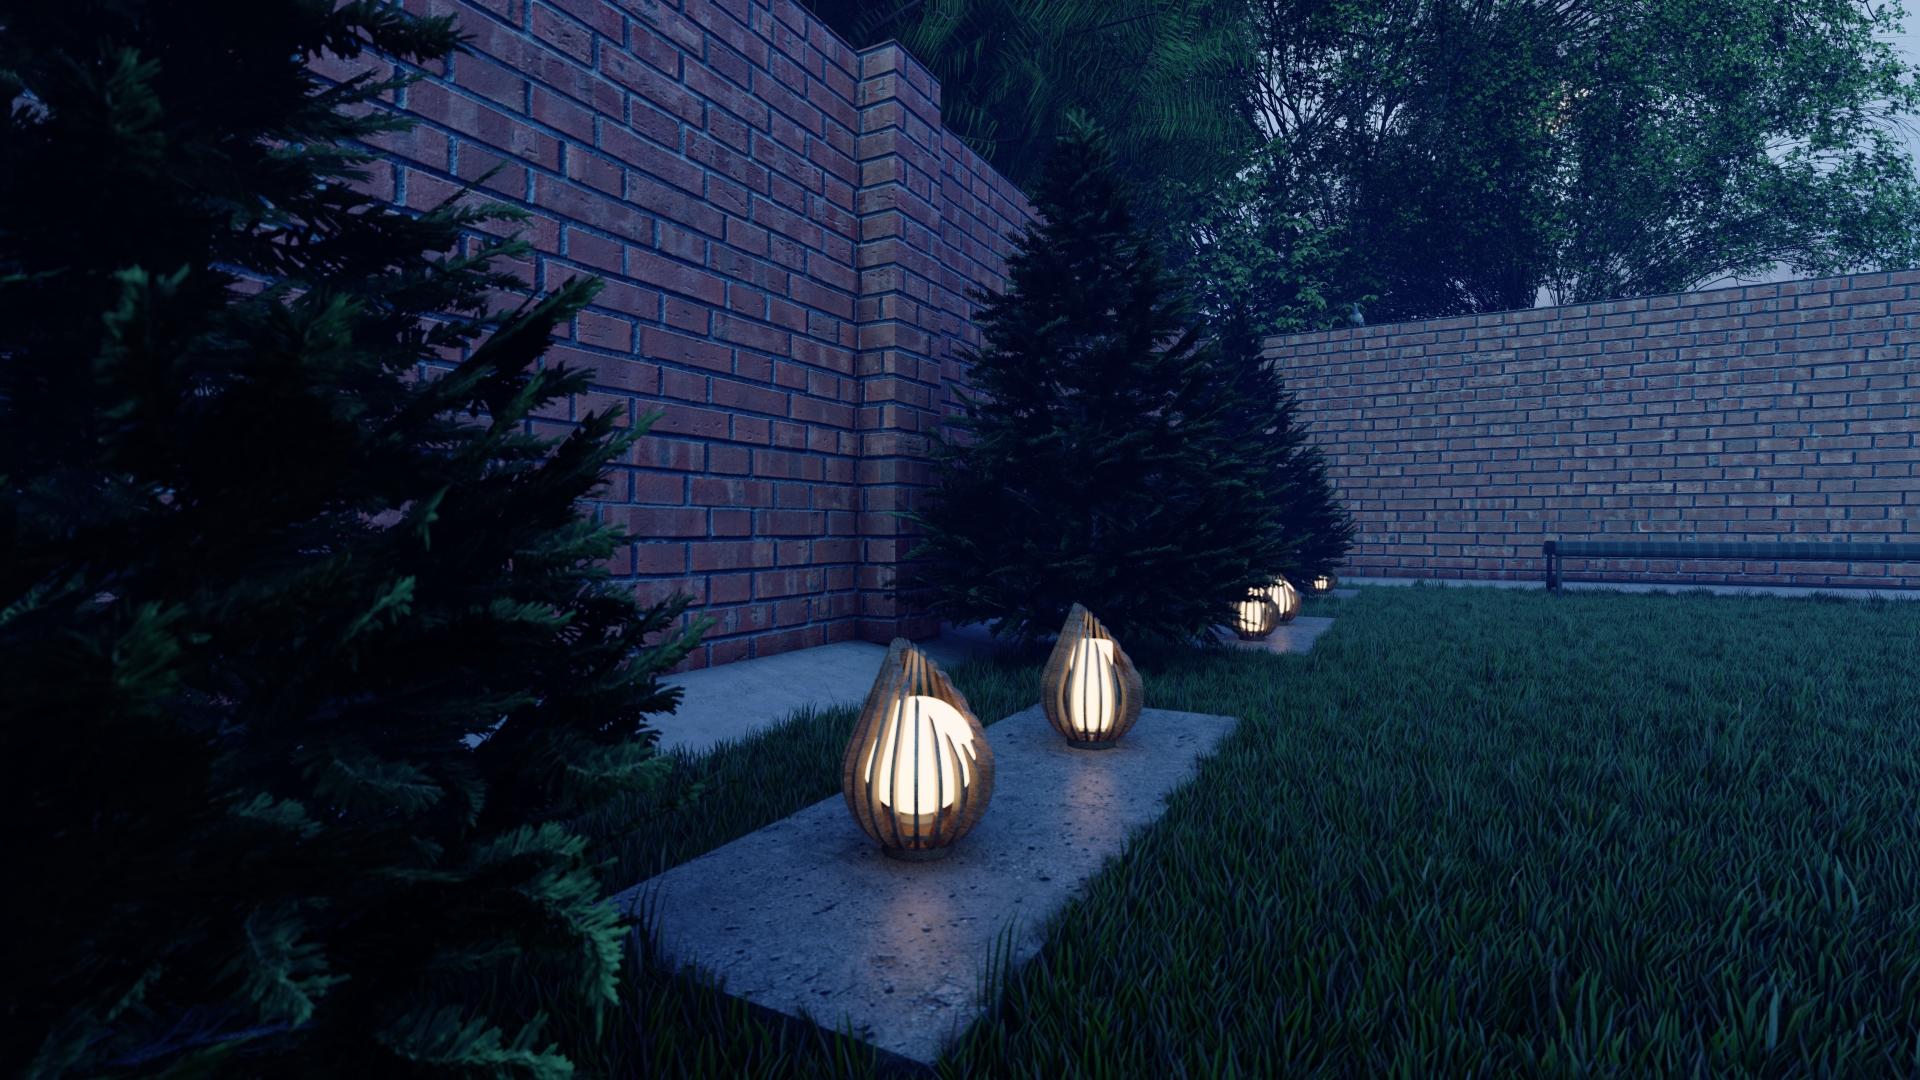 Разработка и проектирование дизайна уличных светильников